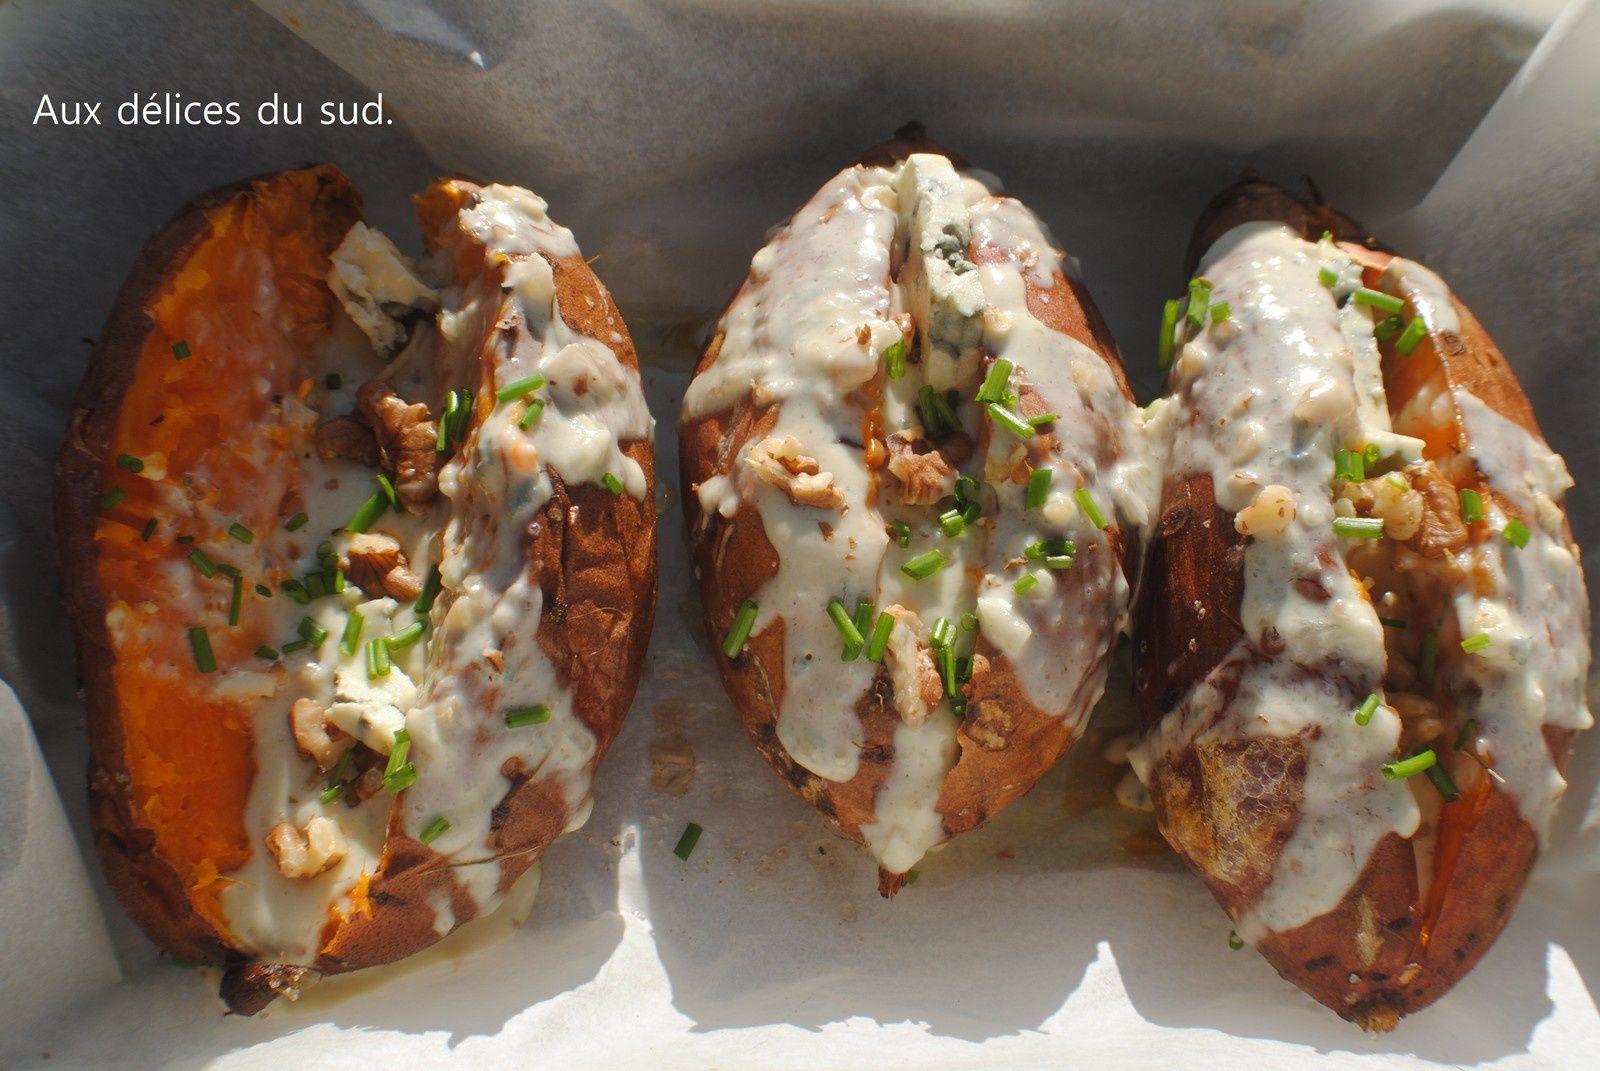 Patates douces farcies au roquefort et aux  noix .